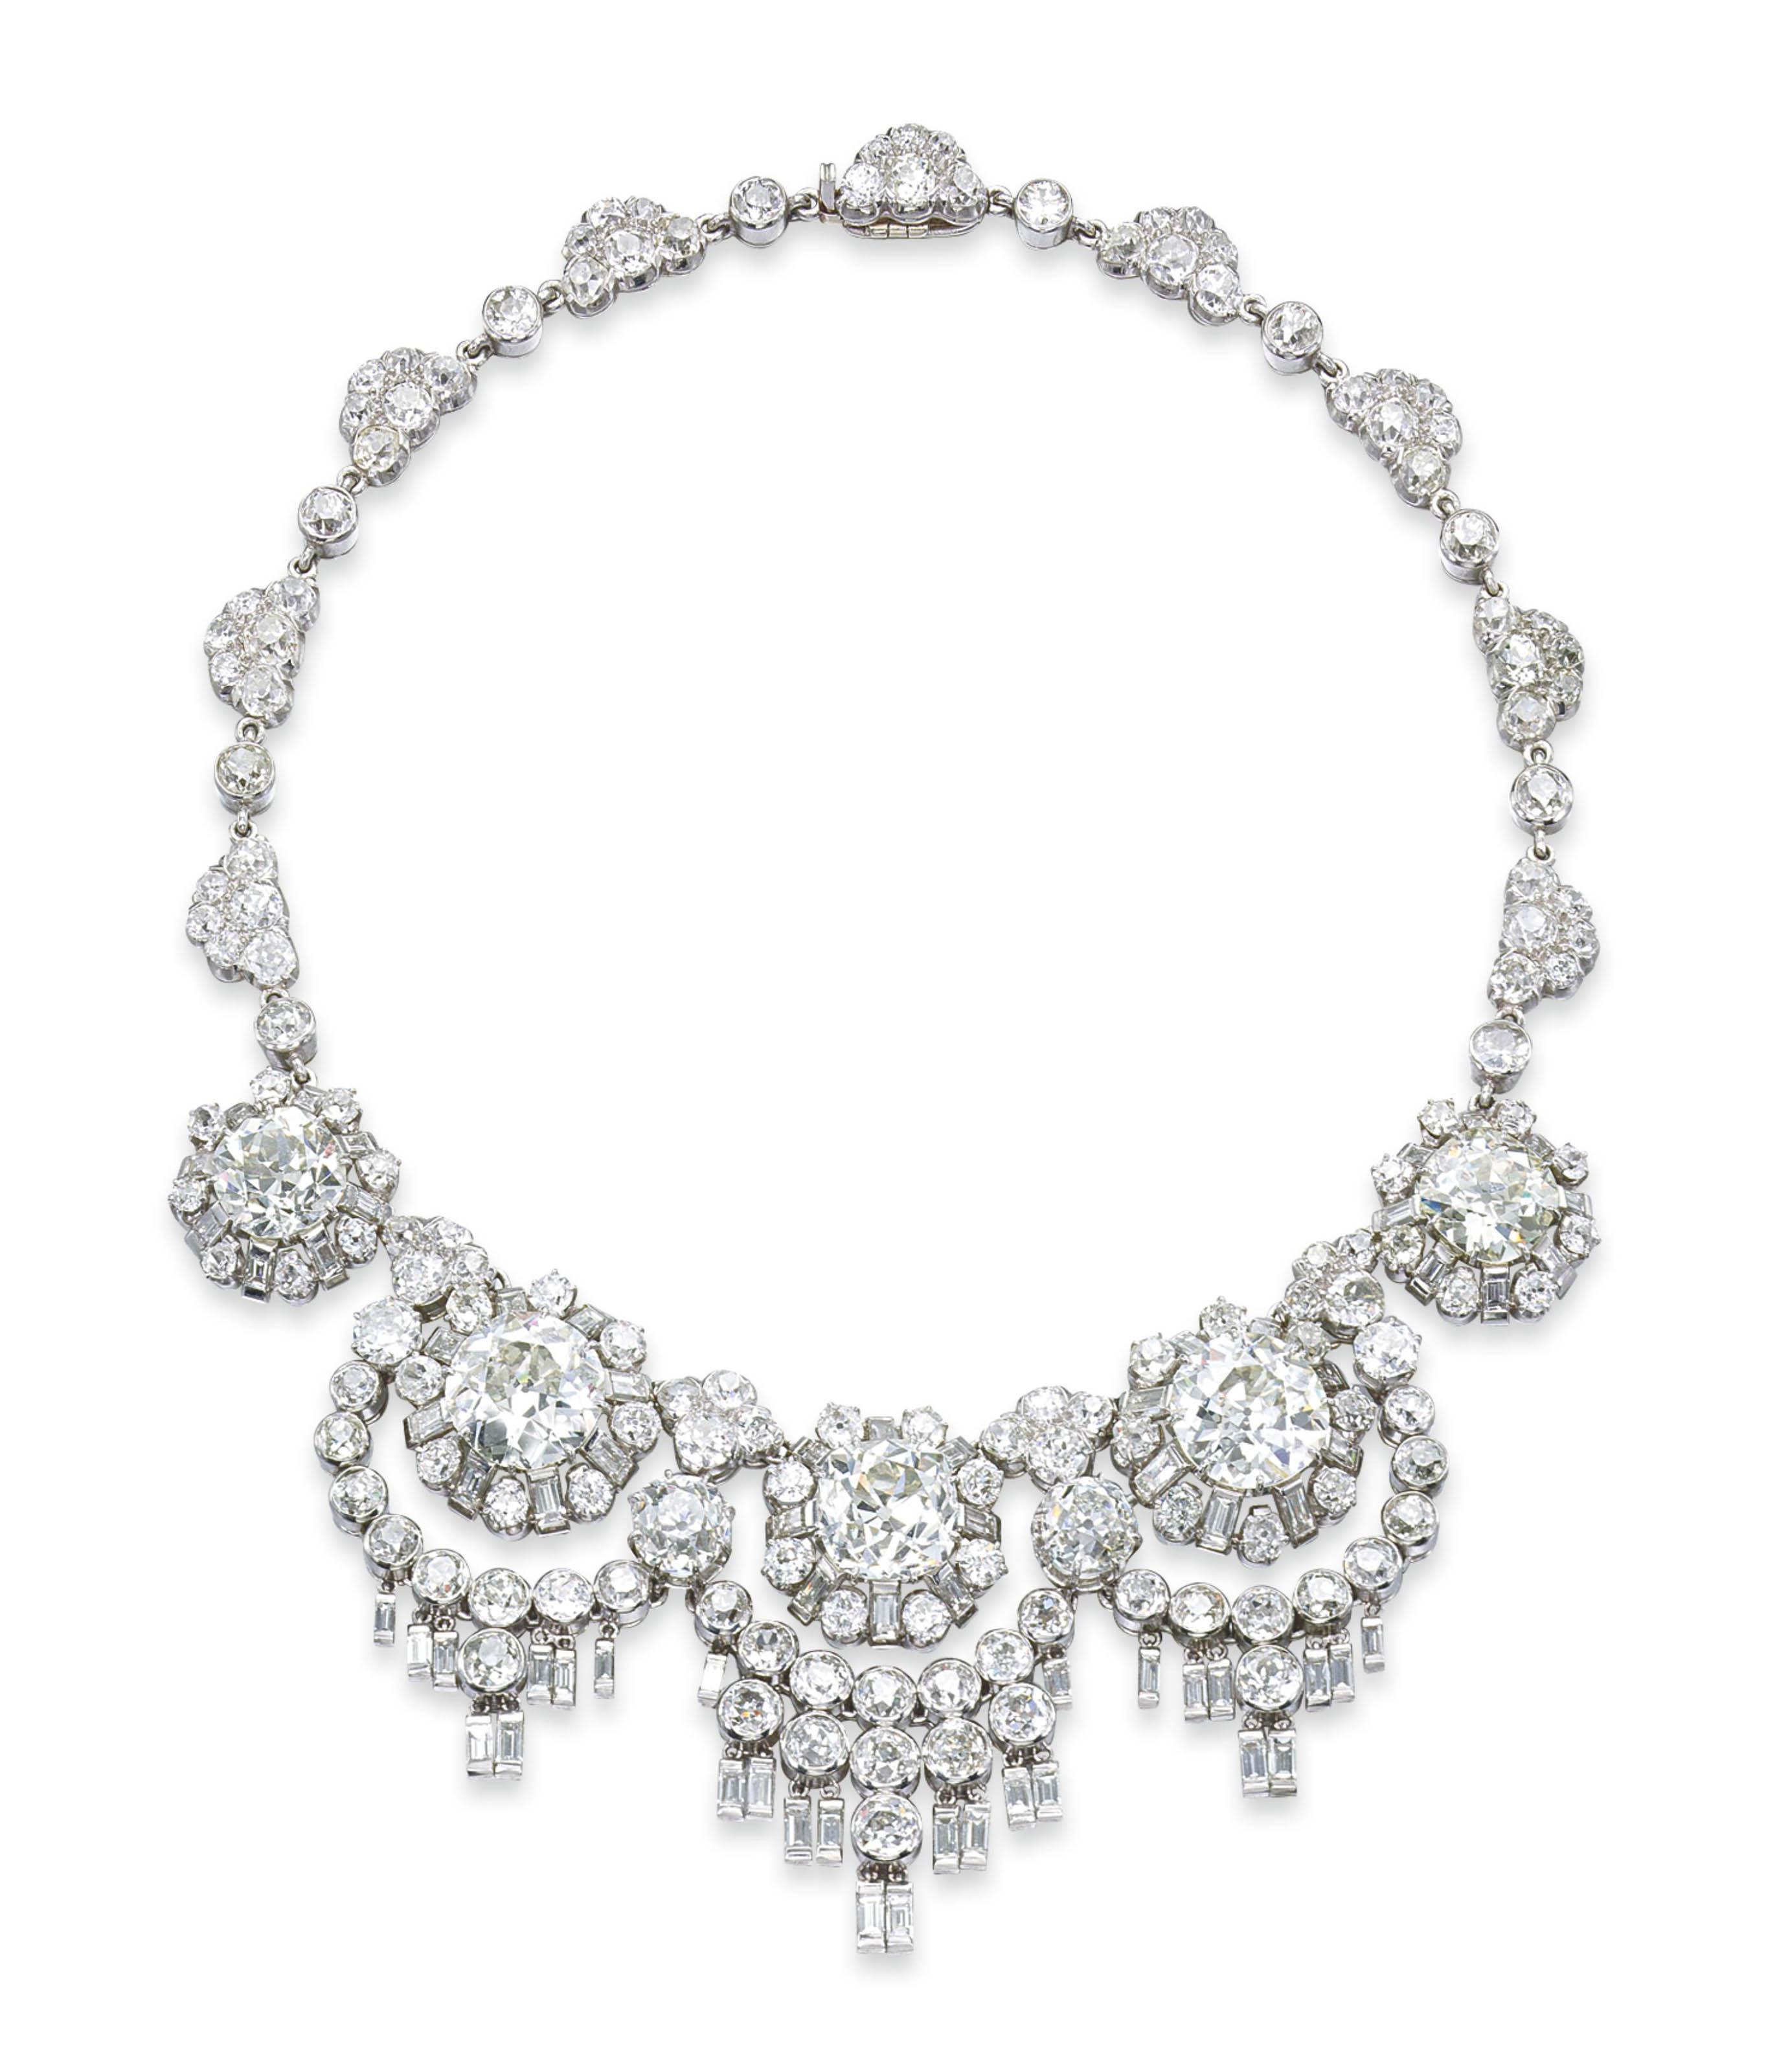 A UNIQUE DIAMOND NECKLACE, BY RENÉ BOIVIN